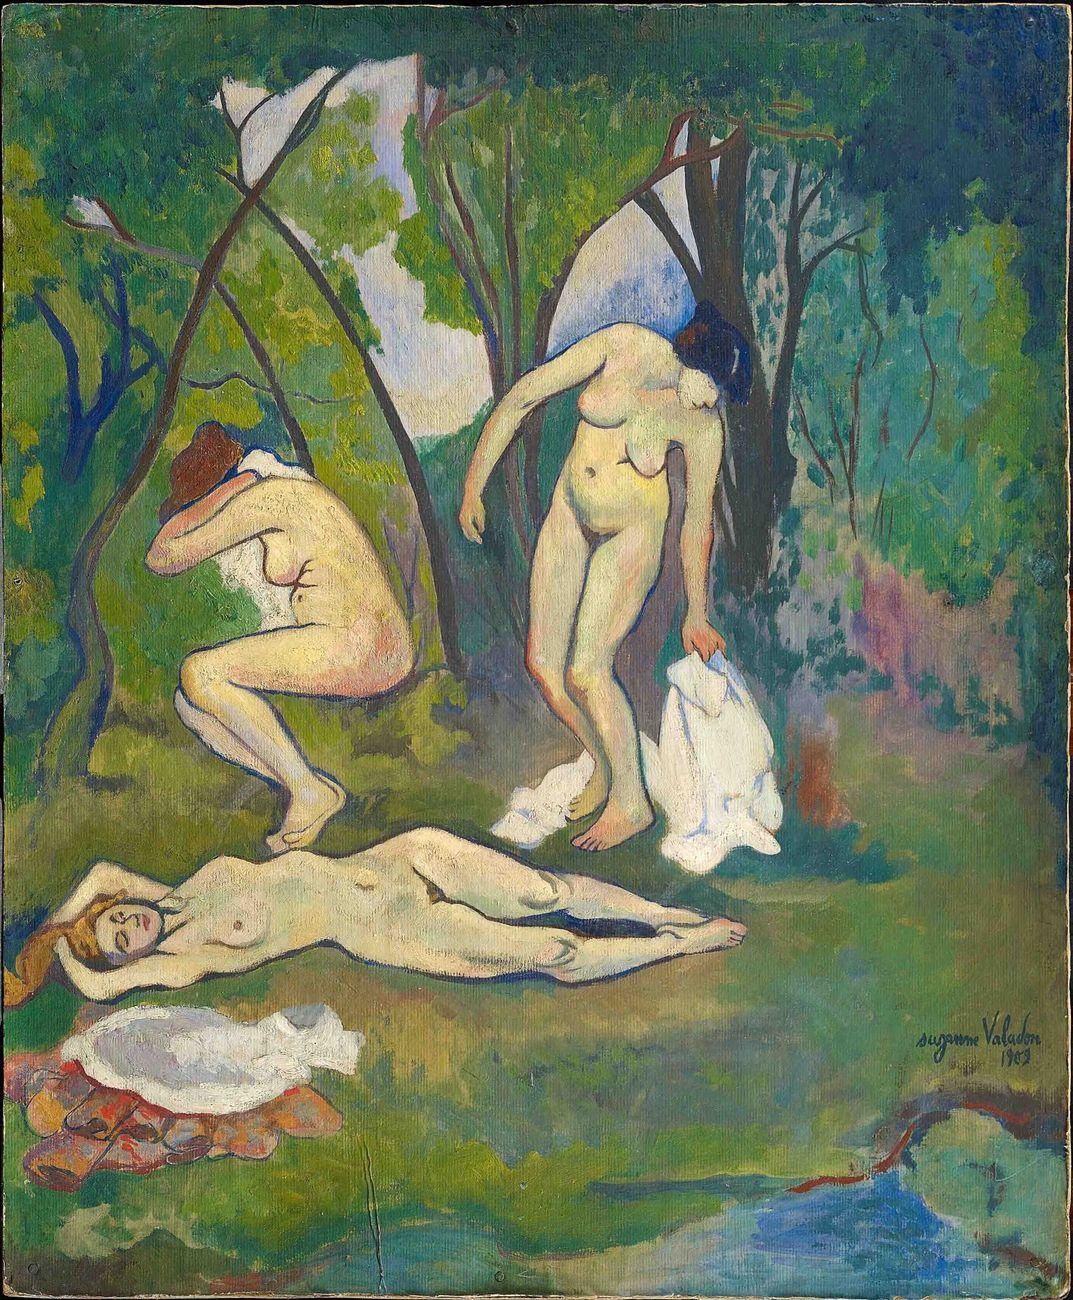 Suzanne Valadon, Trois nus à la campagne, 1909, olio su cartone, 61 x 50 cm. Collezione Jonas Netter